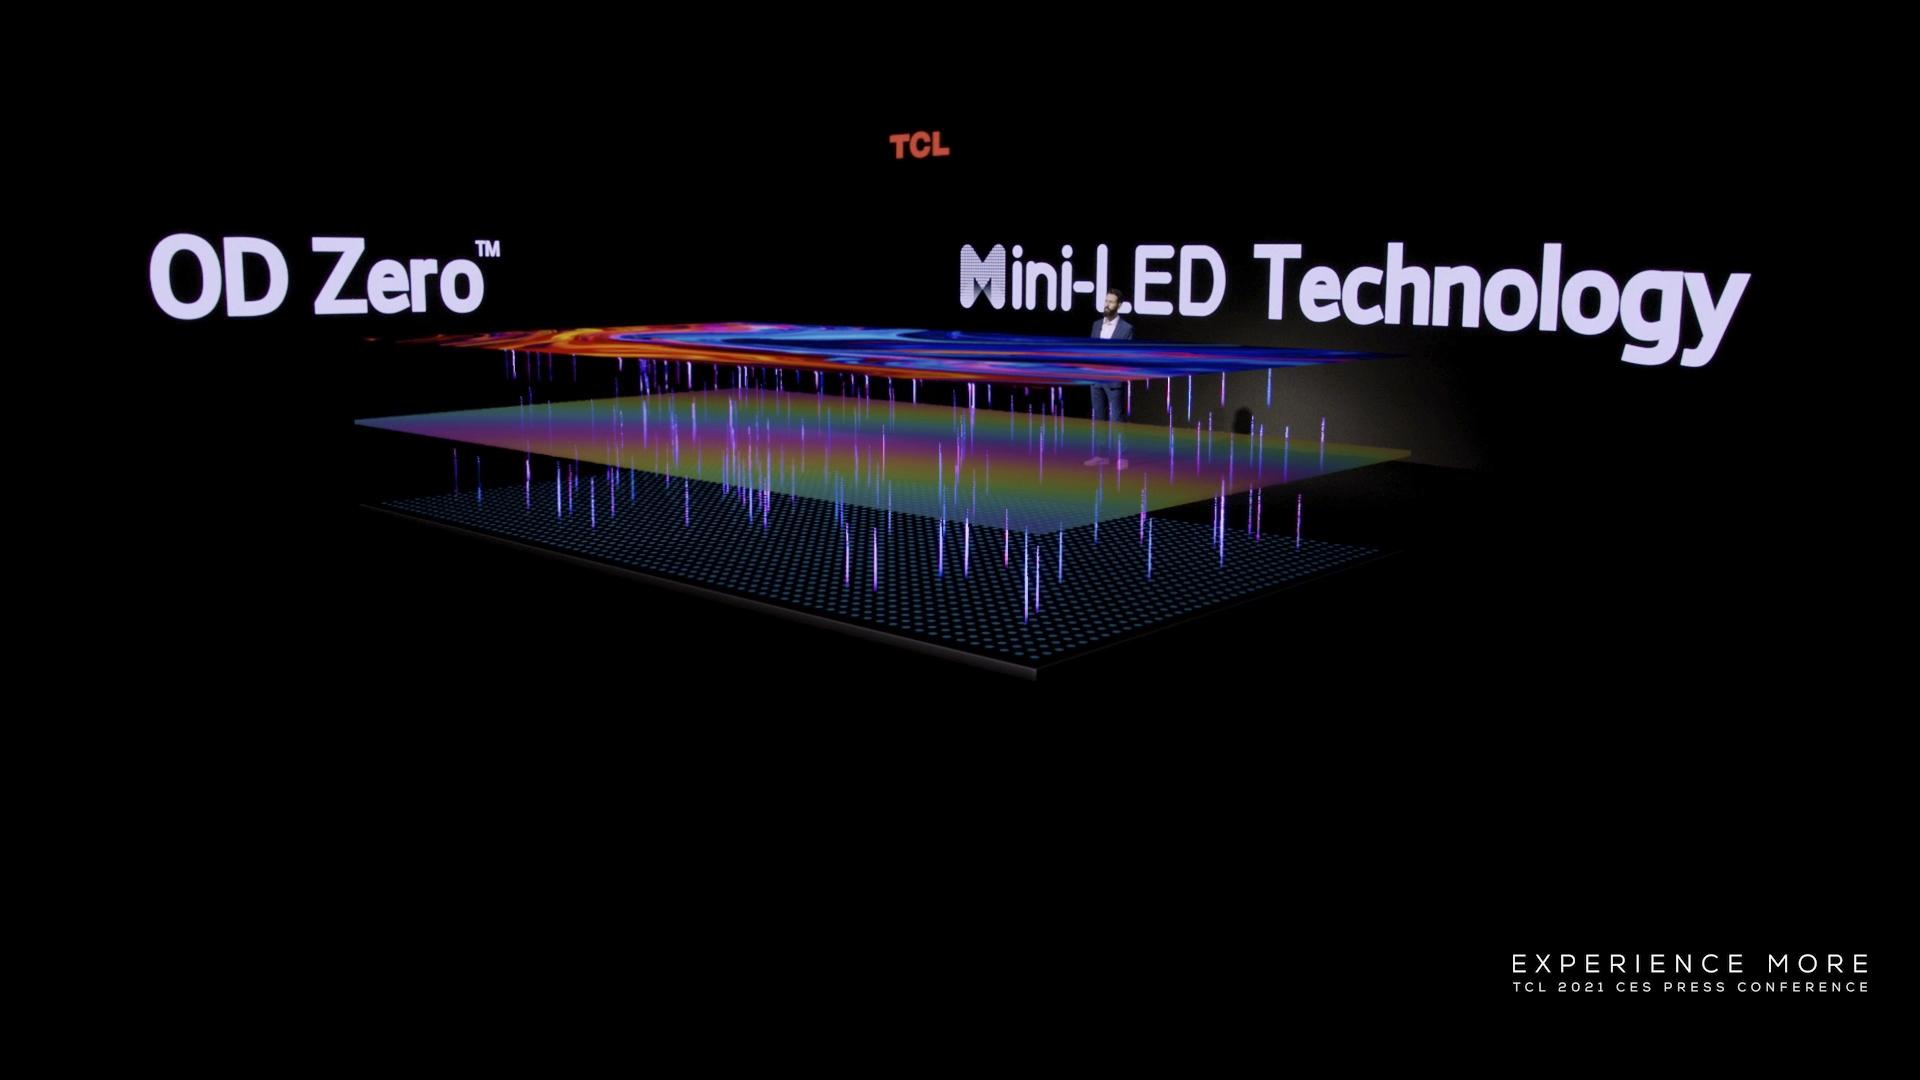 CES 2021: TCL revoluționează piața televizoarelor cu noua generație de Mini-LED OD ZeroTM